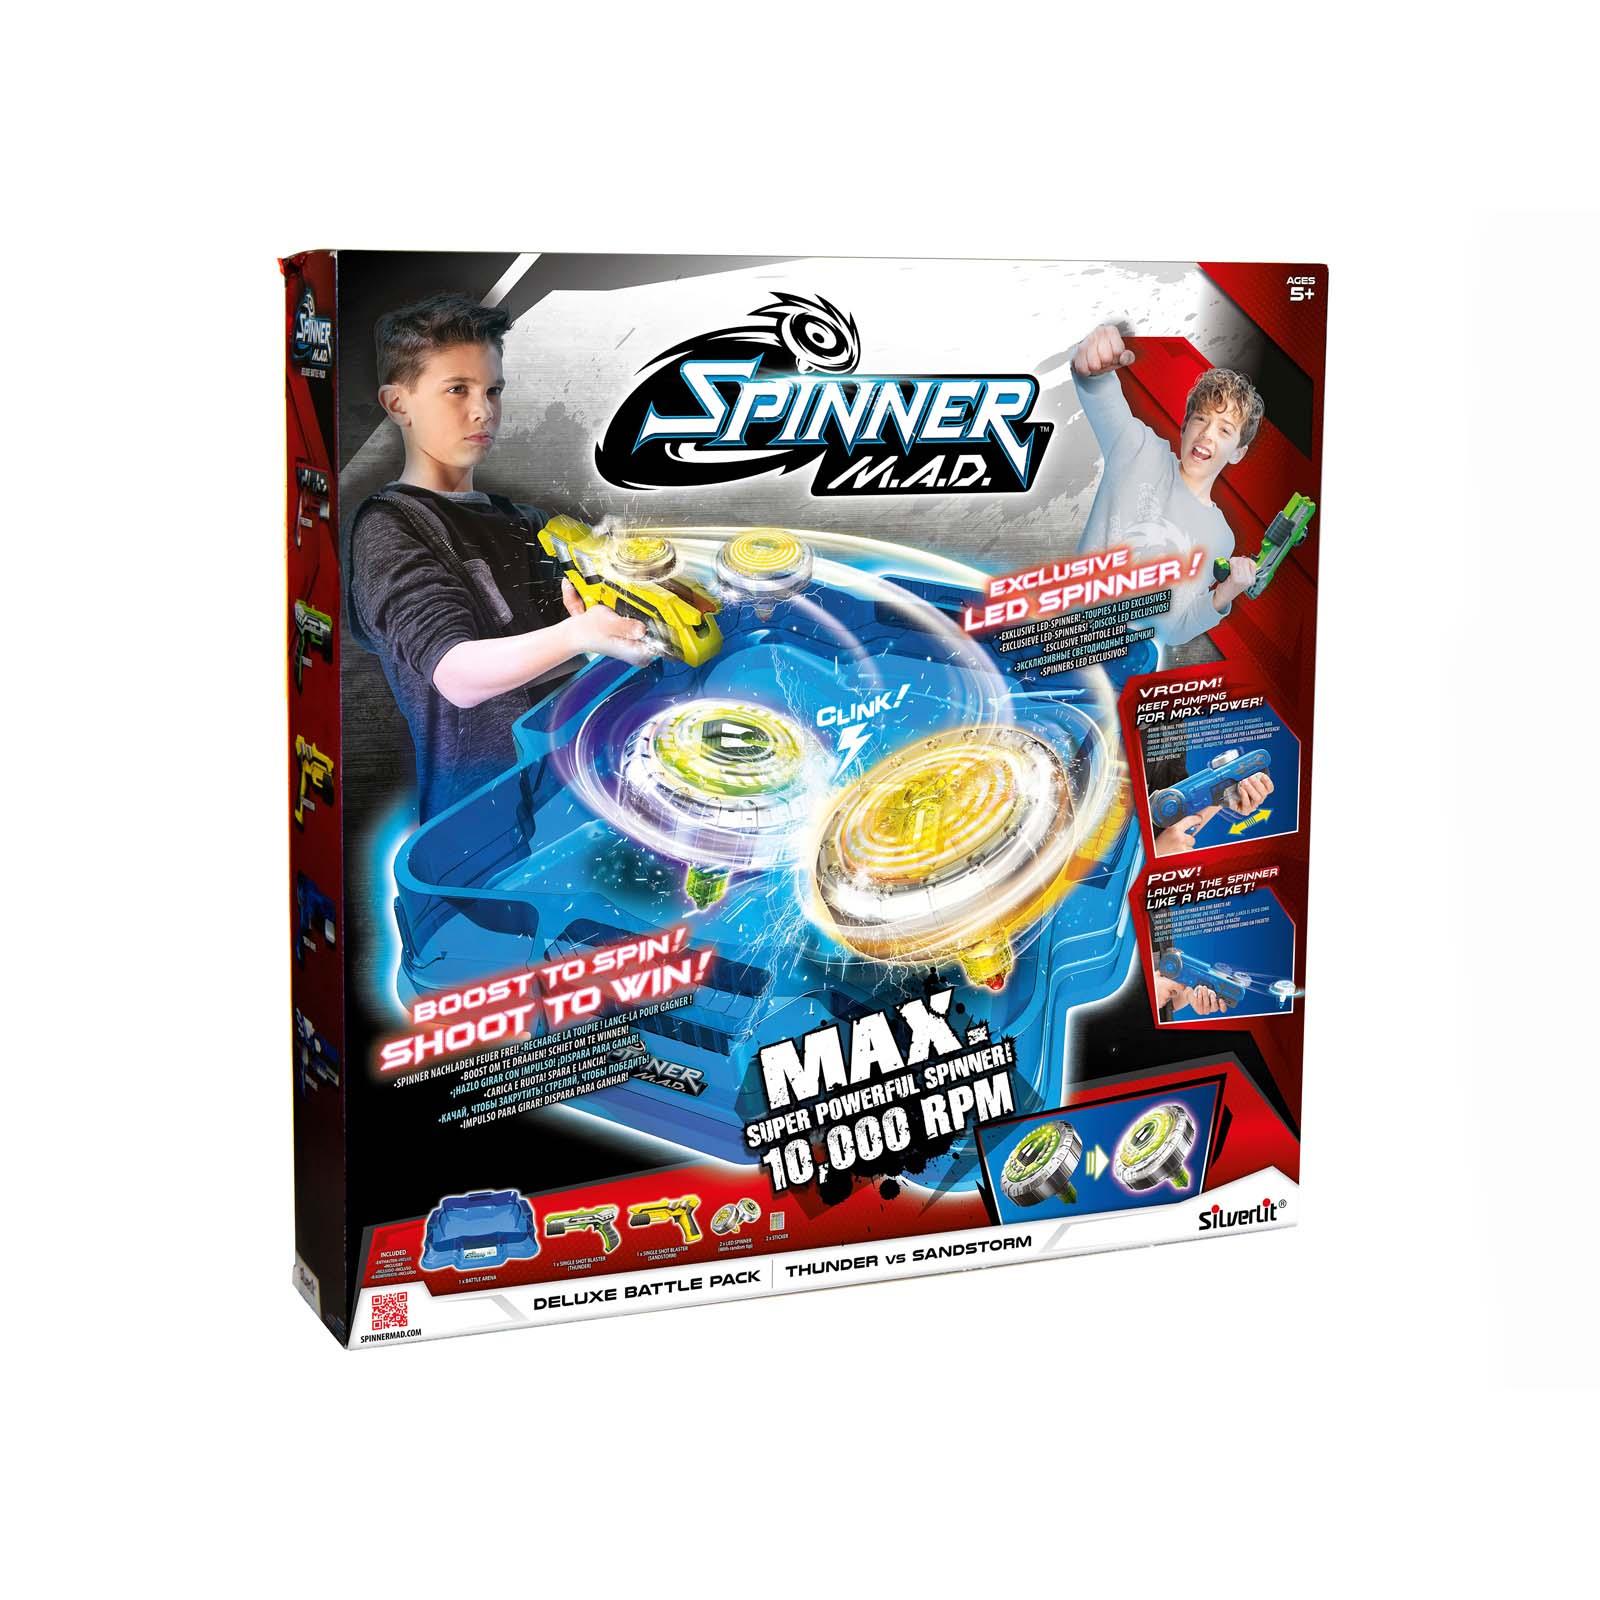 Afbeelding van Spinner MAD Deluxe Battle Pack